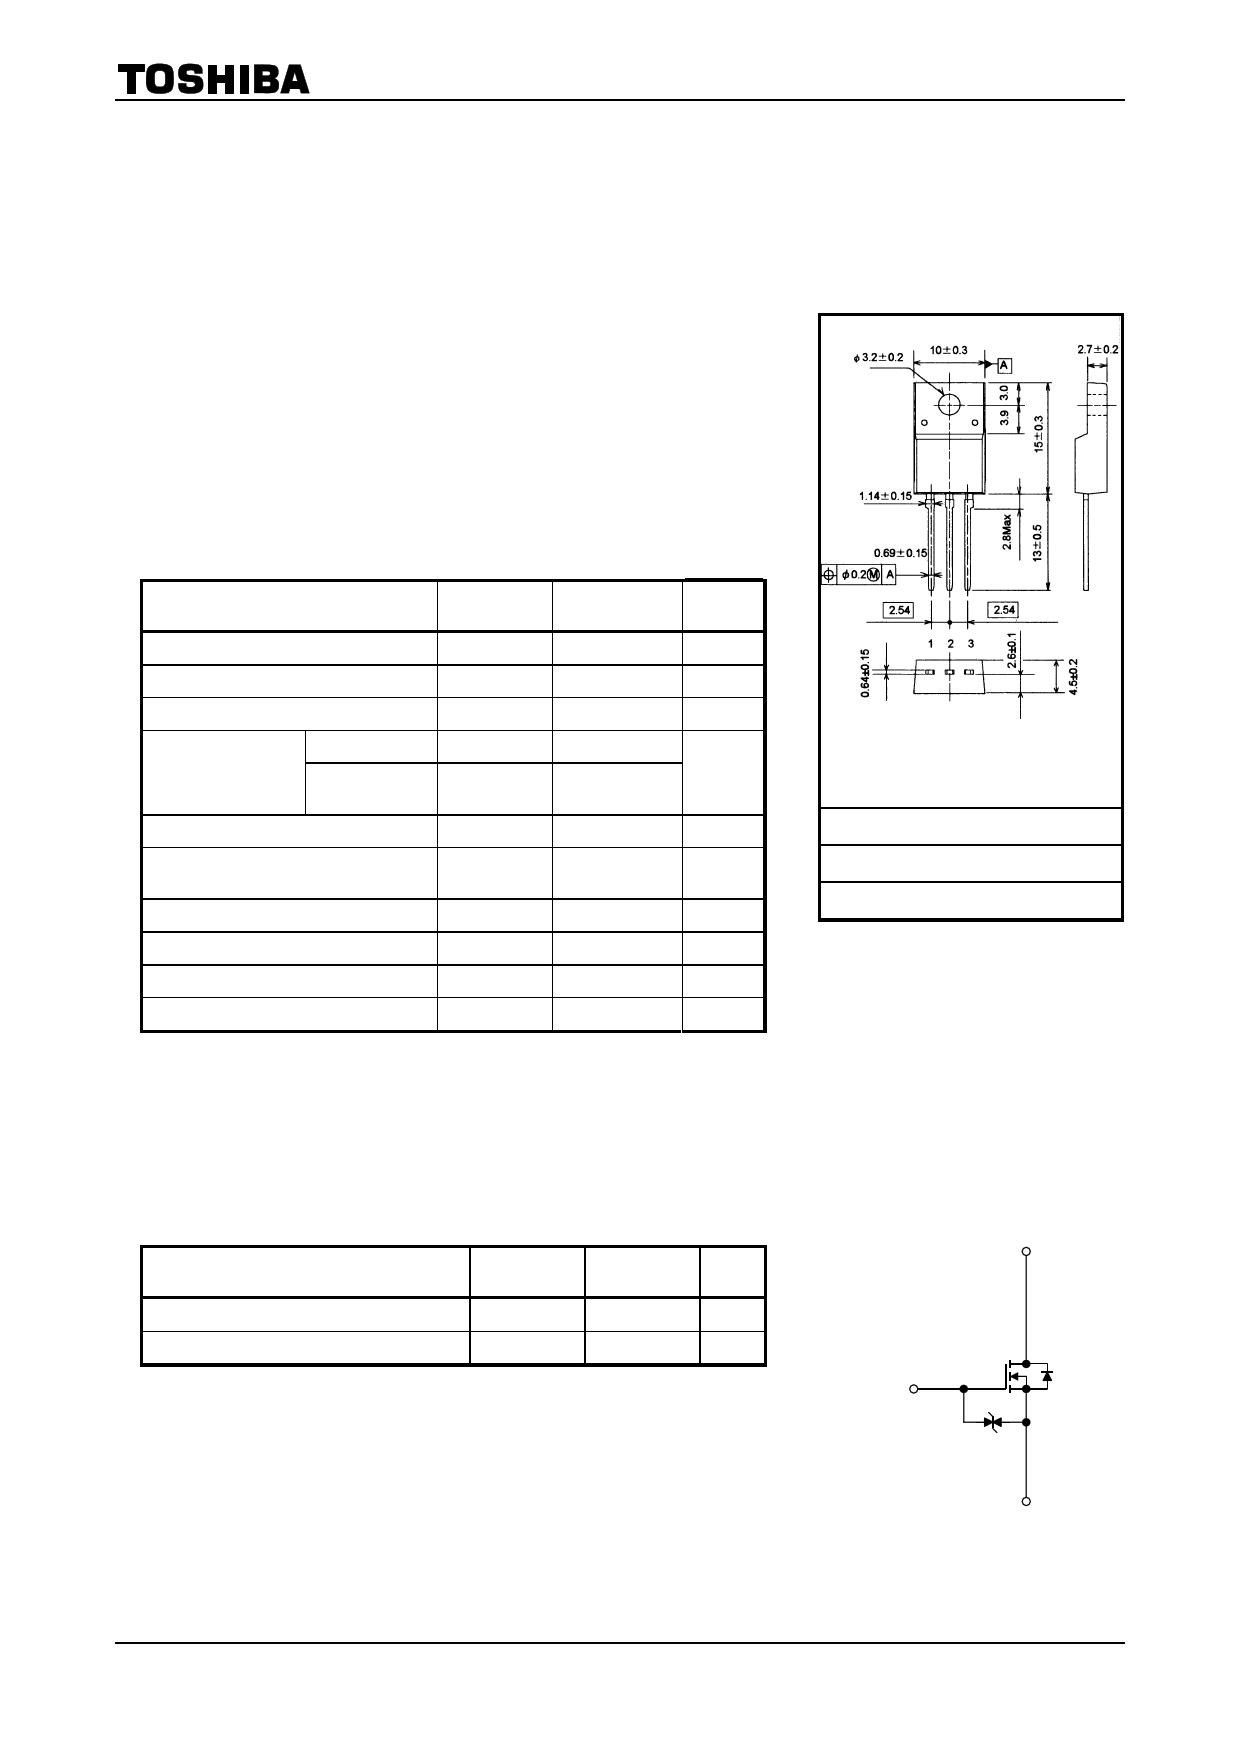 K3565 datasheet image